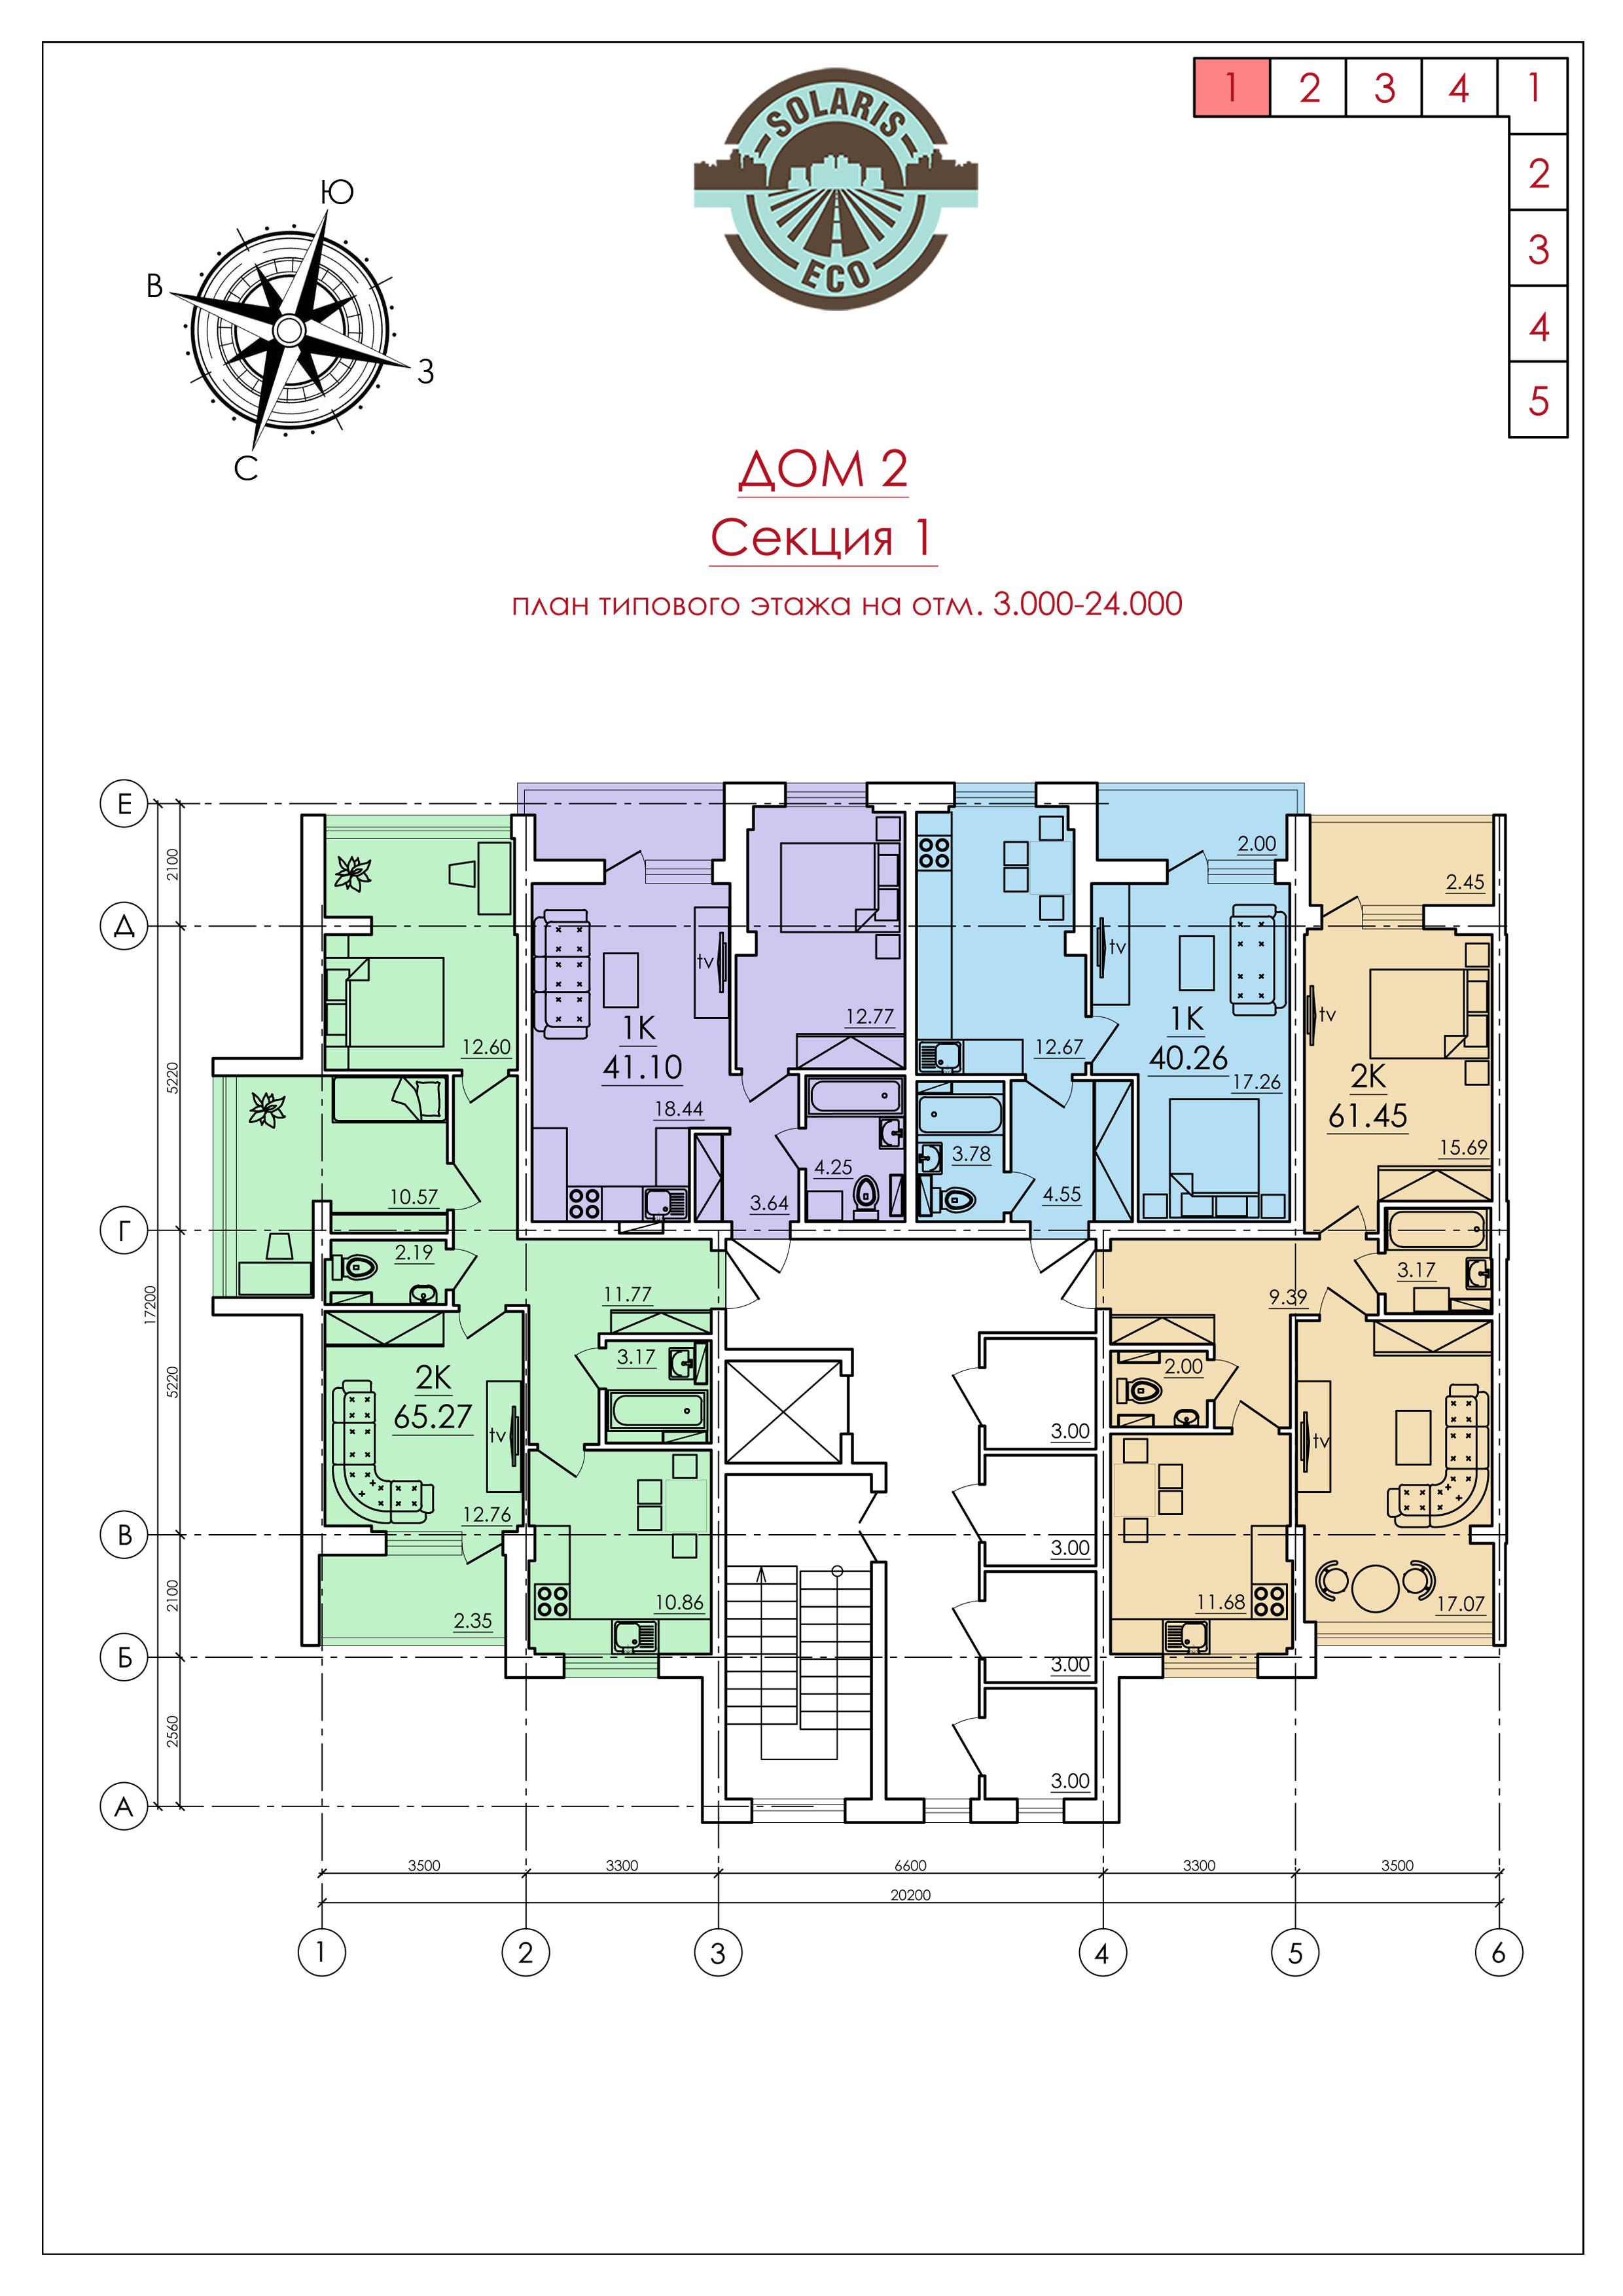 ЖК ECO Solaris (ЭКО Соларис ) / Дом №2 / 1 секция / План типового этажа